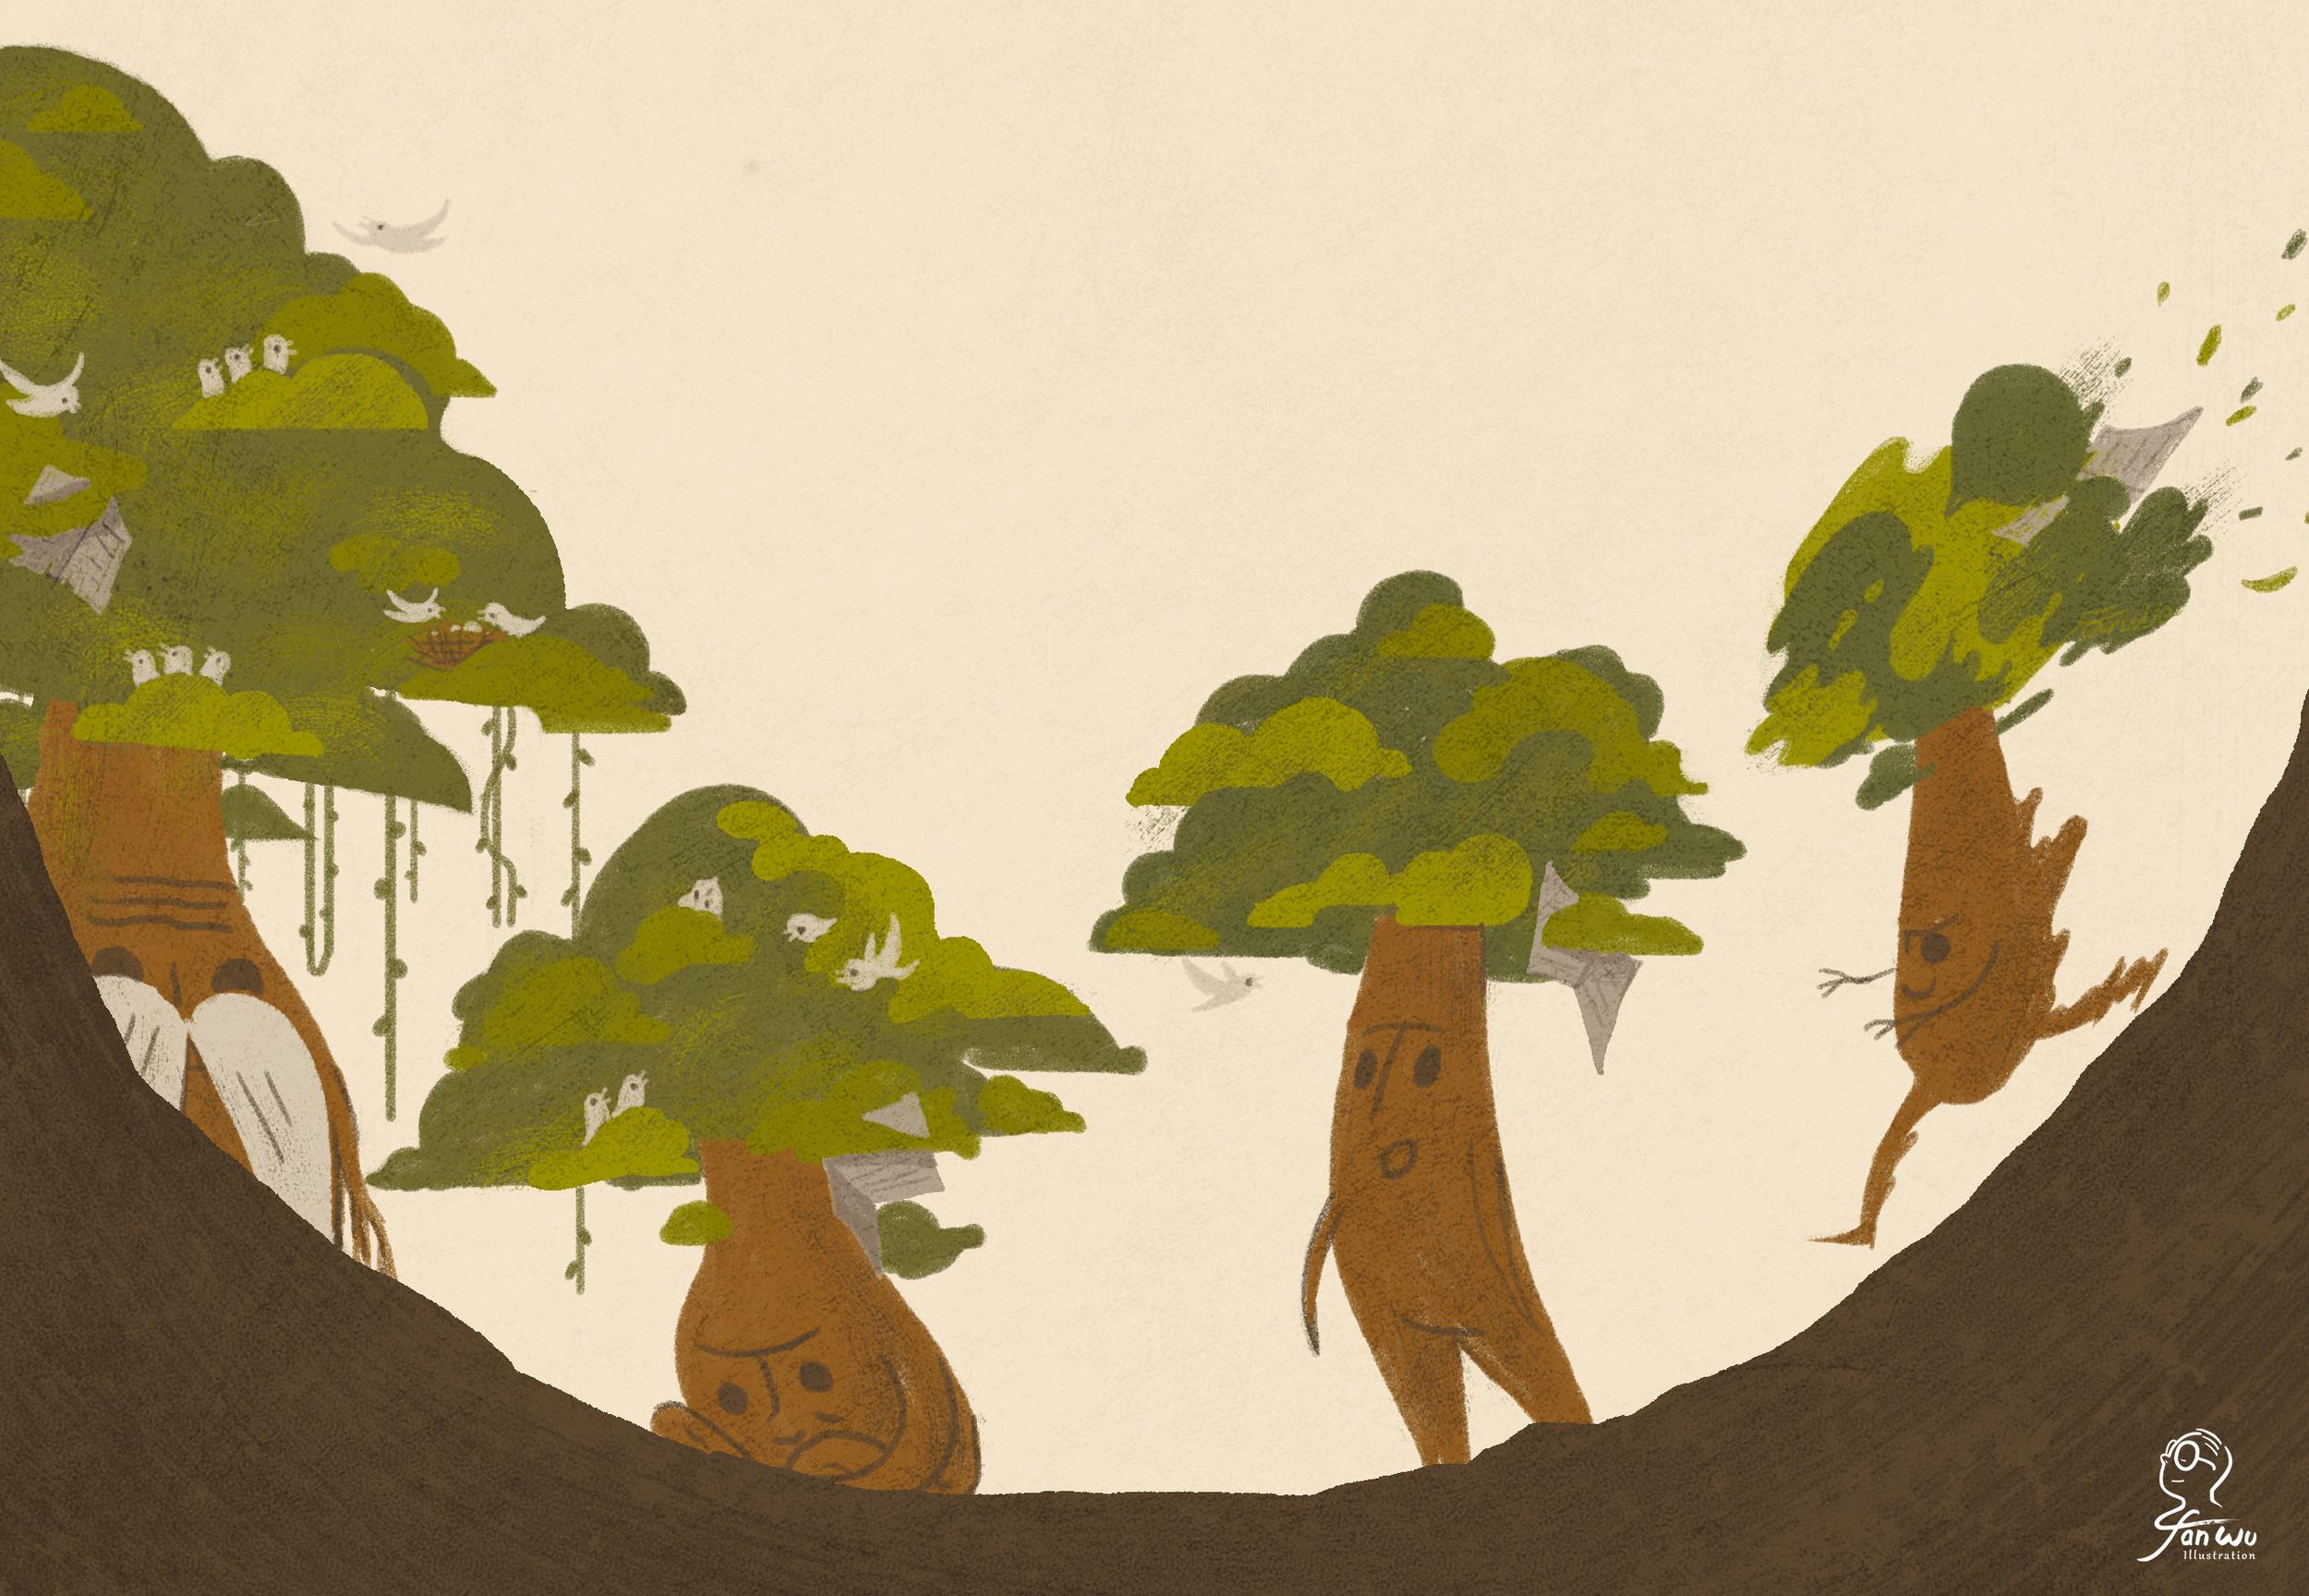 抓小偷的树2=2.jpg